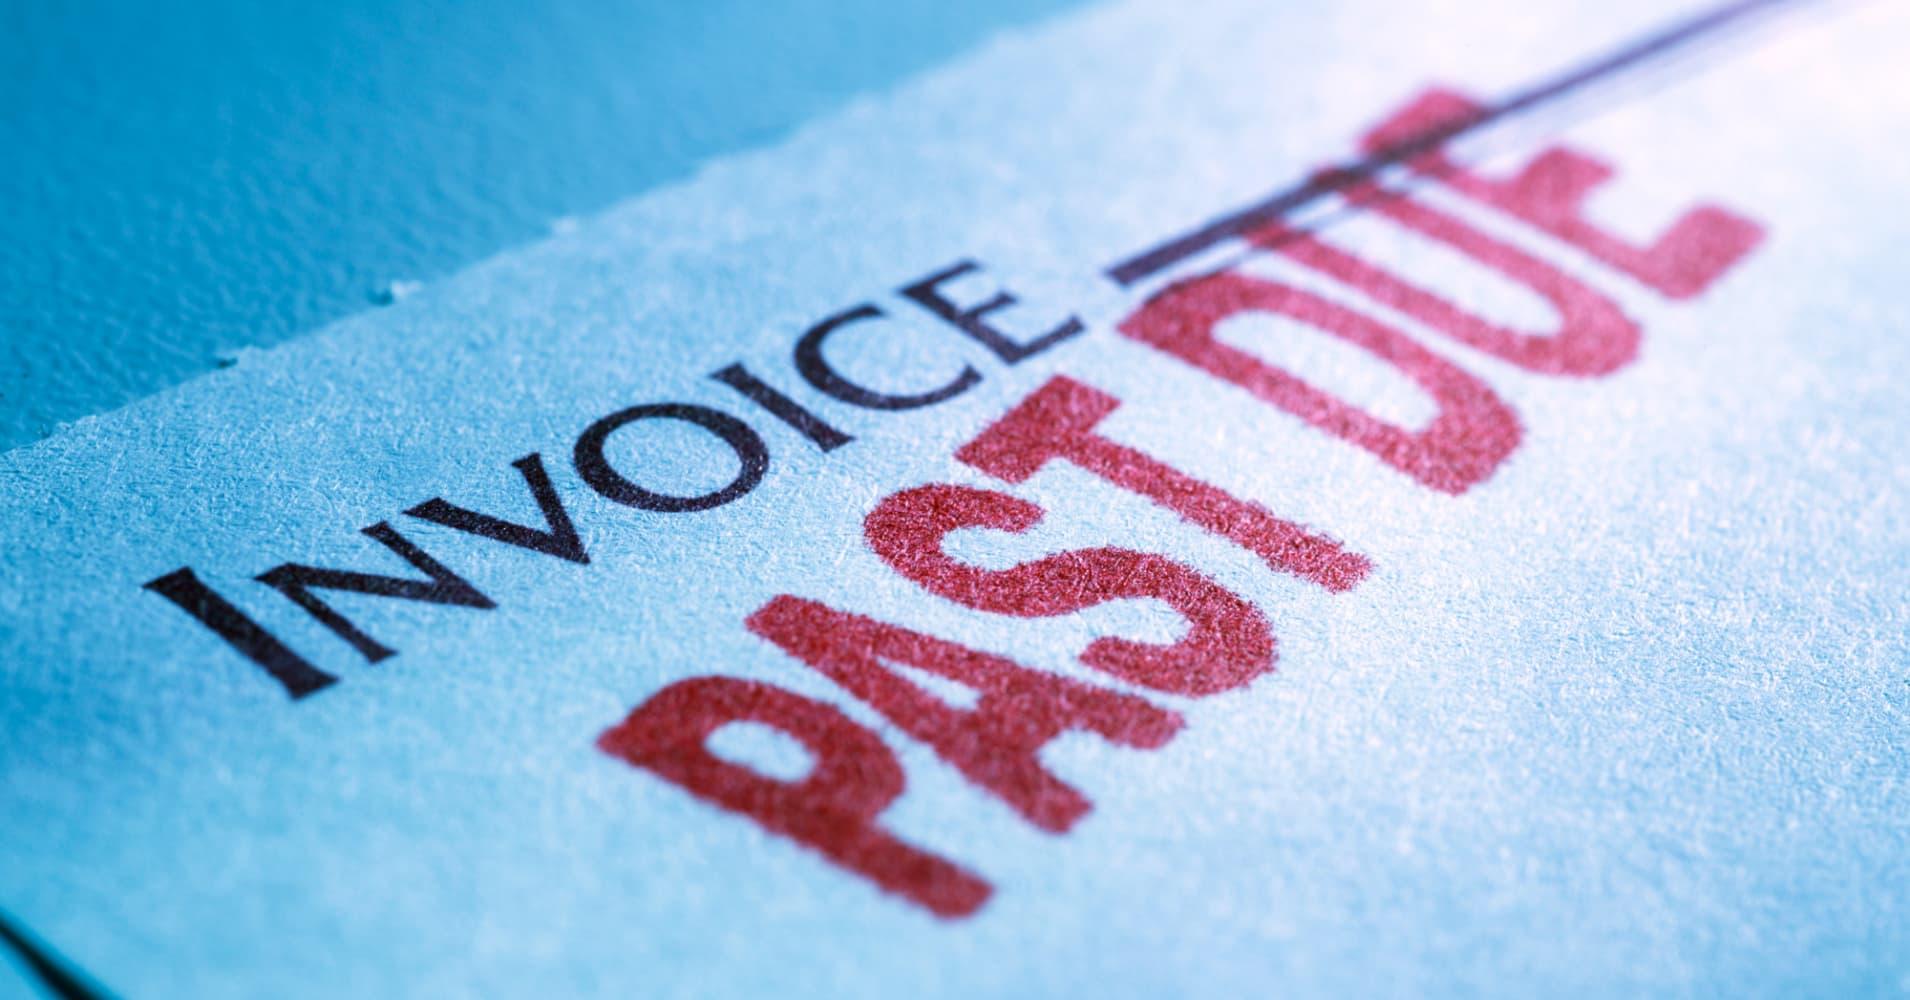 Debt Collection Agency >> Do this when debt collectors call